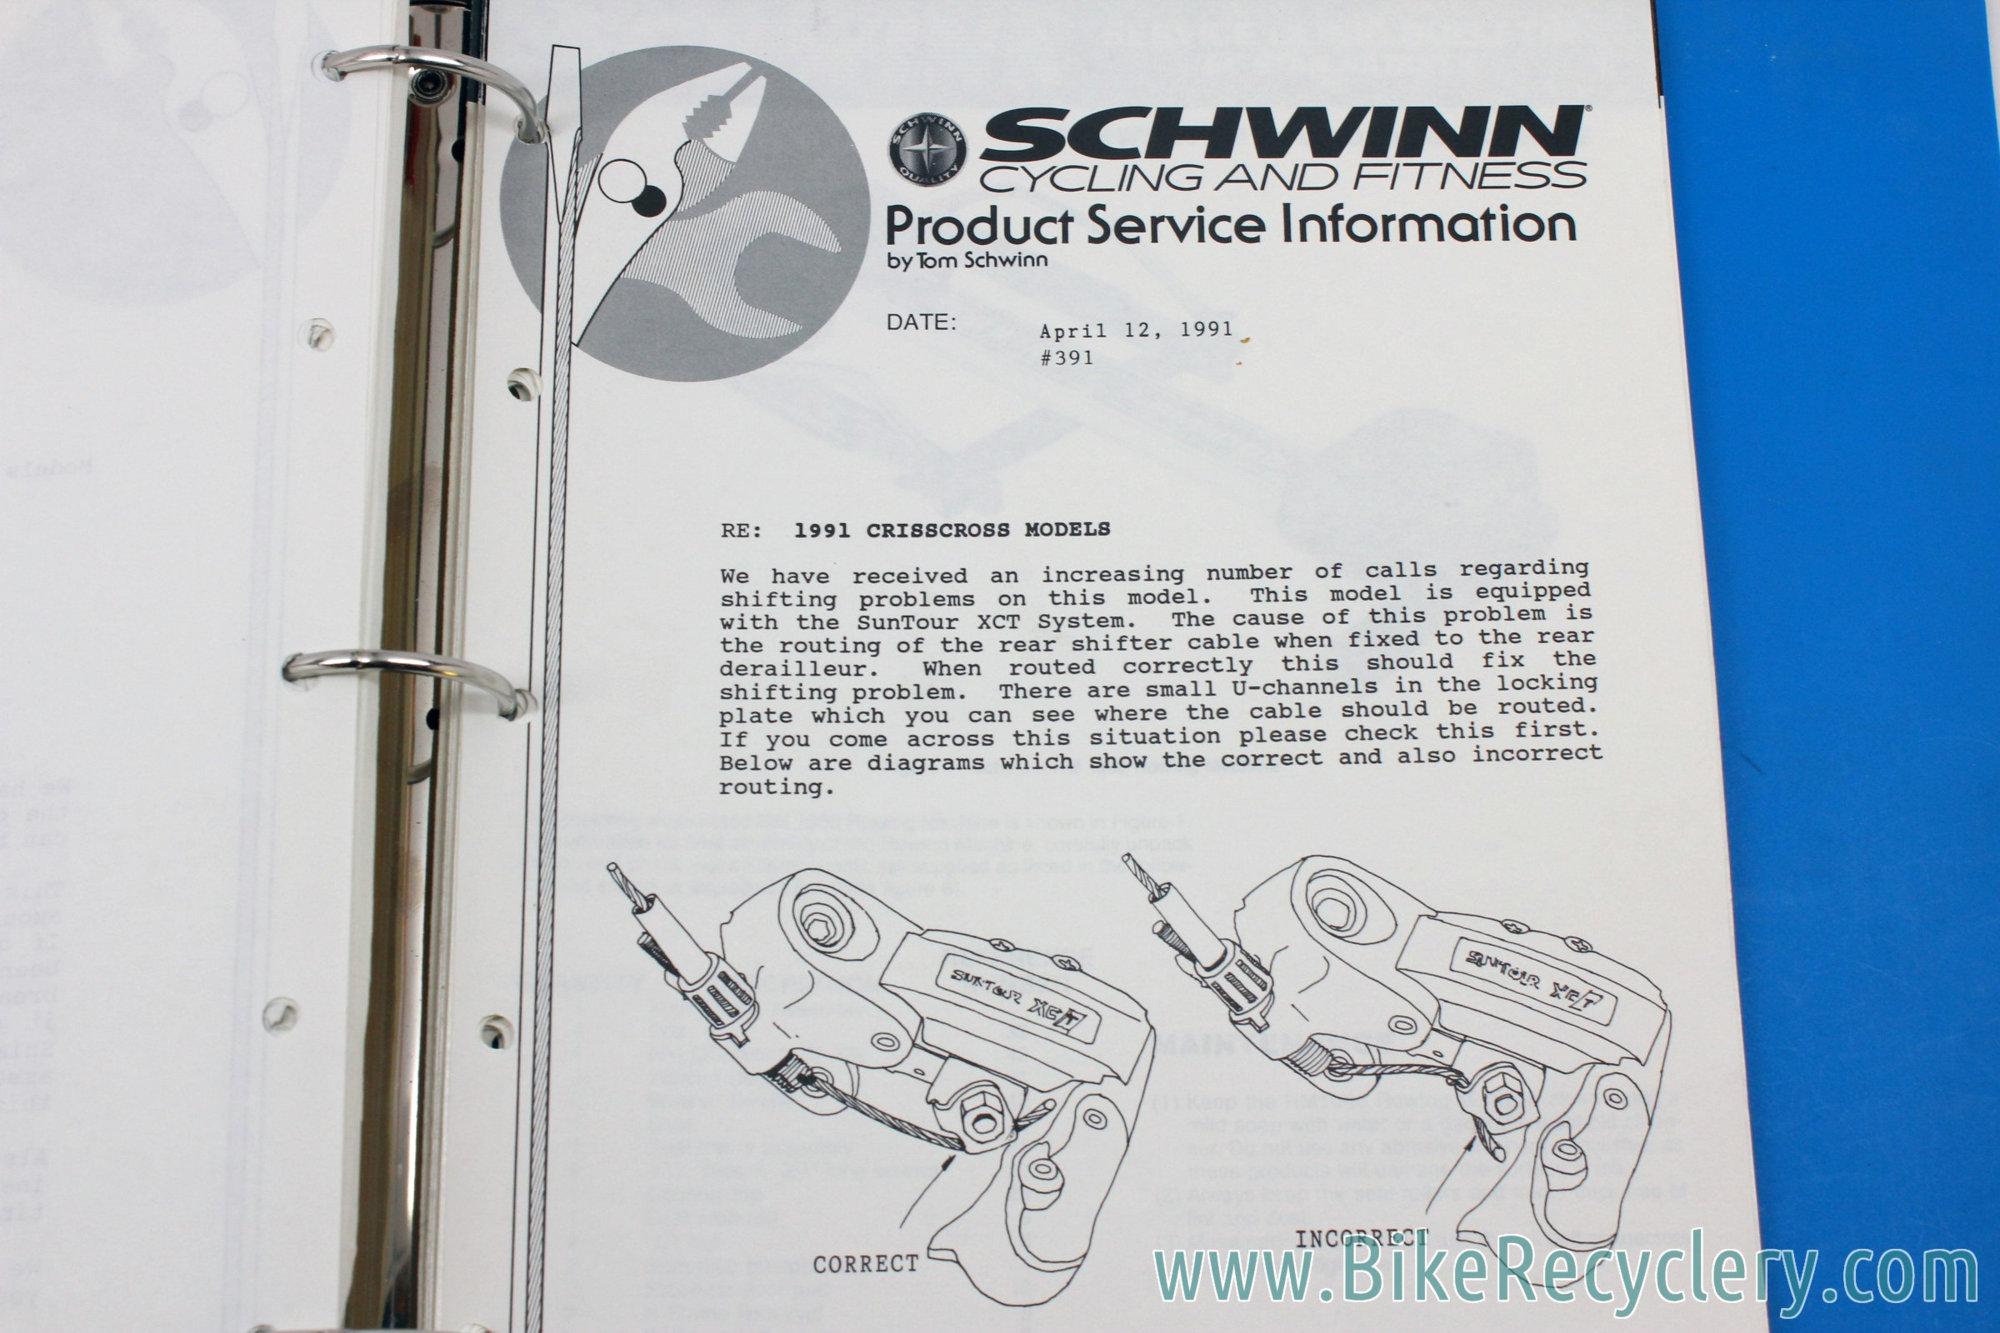 COMPLETE Schwinn Service Clinic Bulletin Set 1970-1980: 99